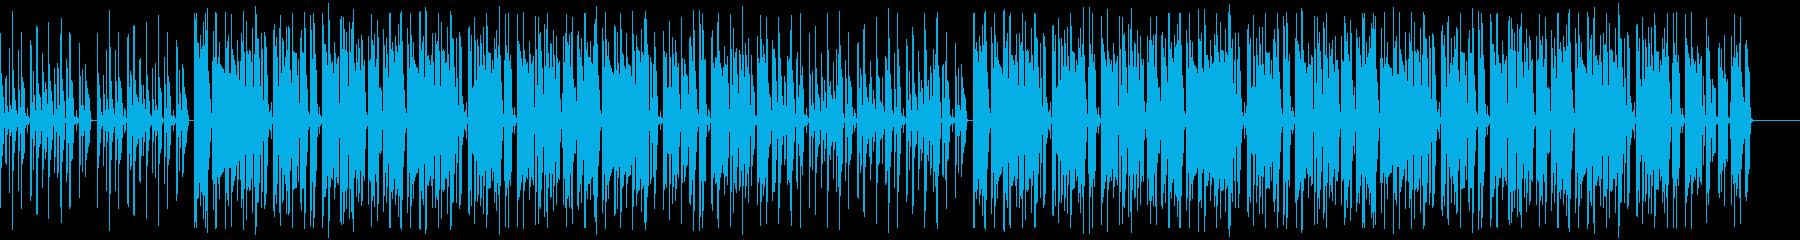 グルーヴィでダンサンブルなファンクの再生済みの波形